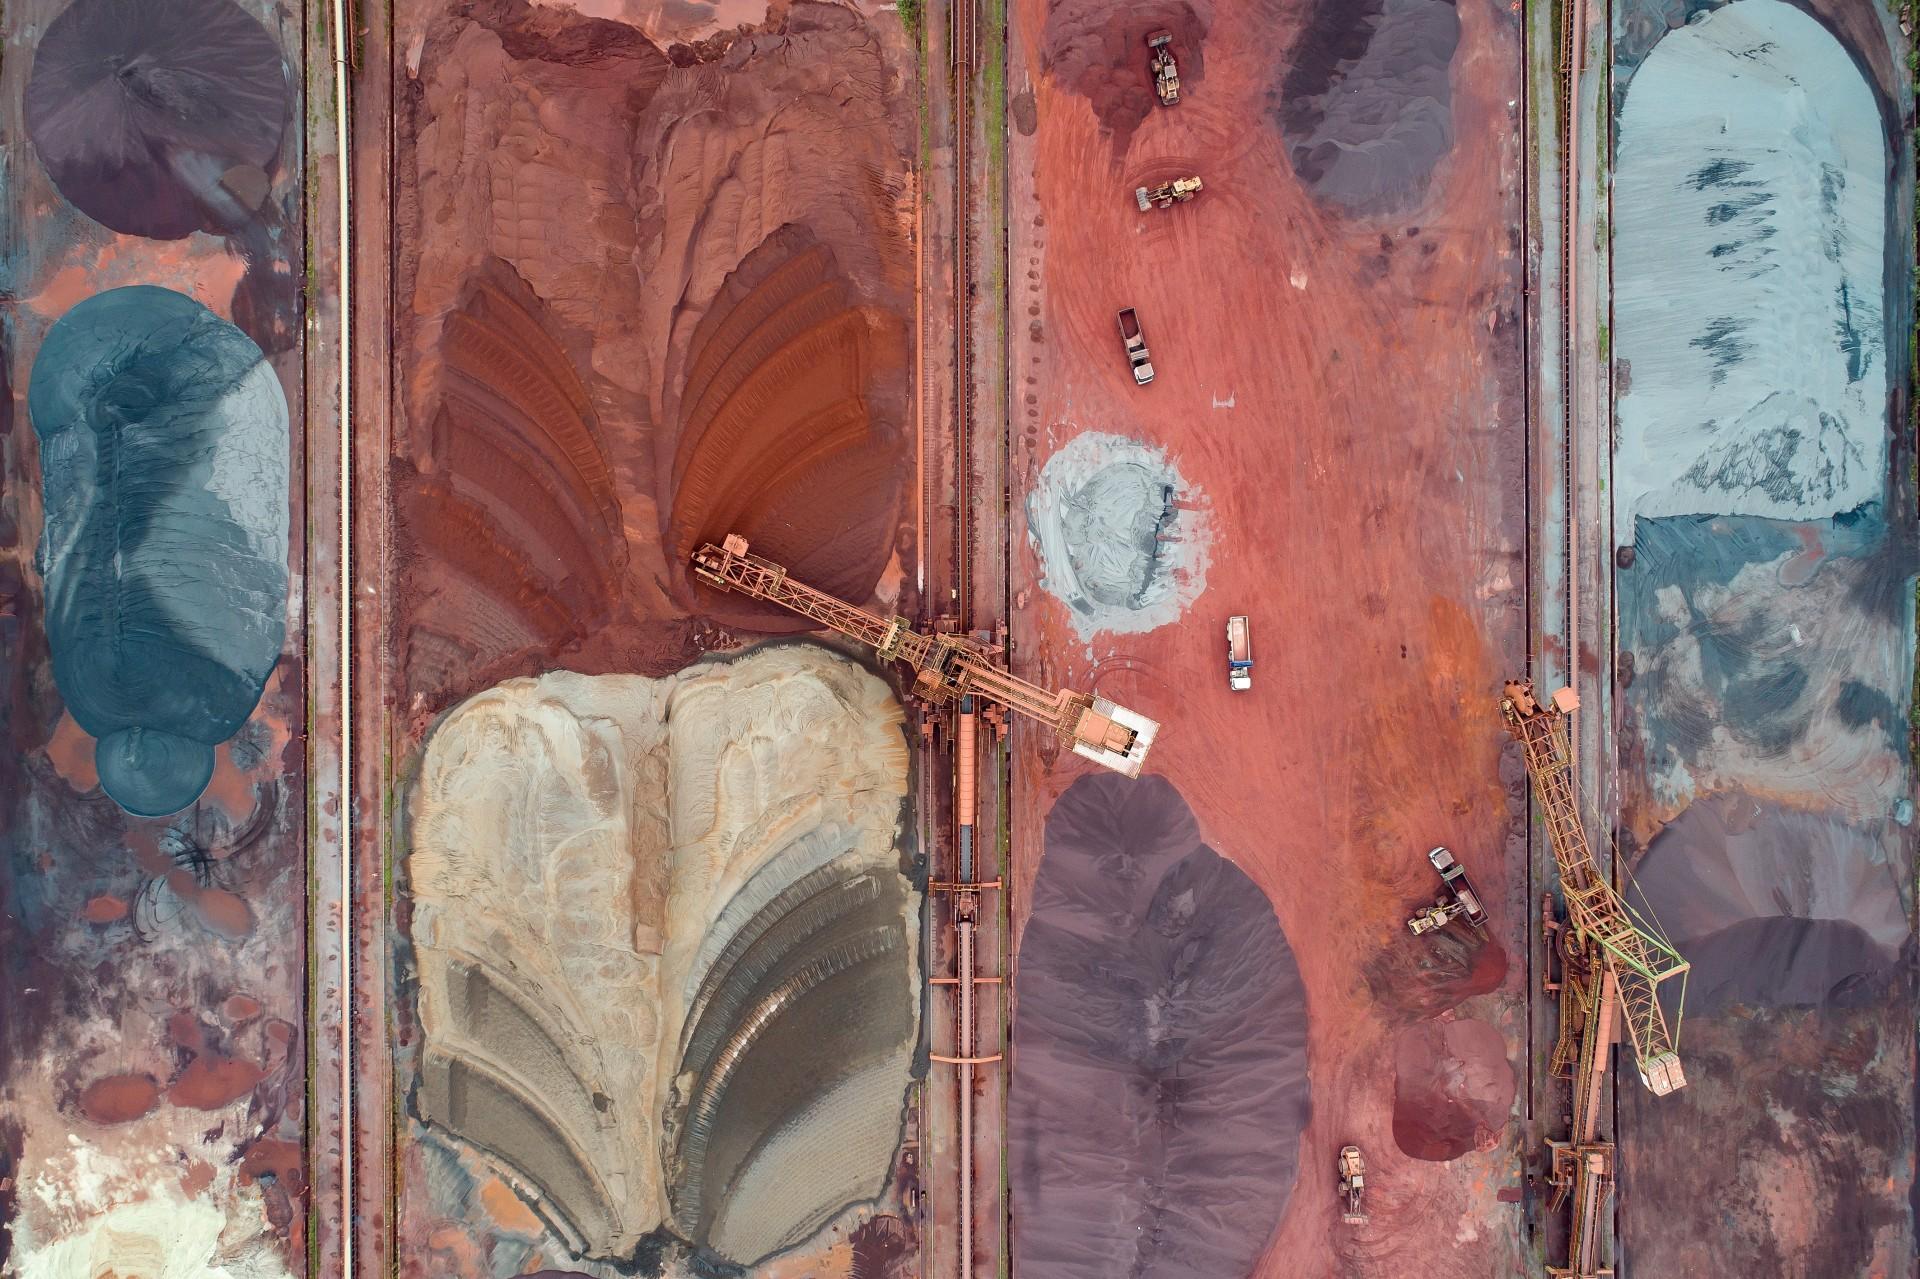 Fotó: Radisics Milán: Érc-piac<br />Kategória: Kezünkben a Föld<br />Helyezés: 2. díj<br /><br />Acélgyártás alapanyagainak tározó és osztályozó egységében darukkal töltik a teherautókat, amelyek a feldolgozandó nyersanyagot szállítják az érc-előkészítőkbe. A felülnézeti perspektíva a helynek egy afrikai füszerpiac hangulatát kölcsönzi. Gijon, Észak-Spanyolország.